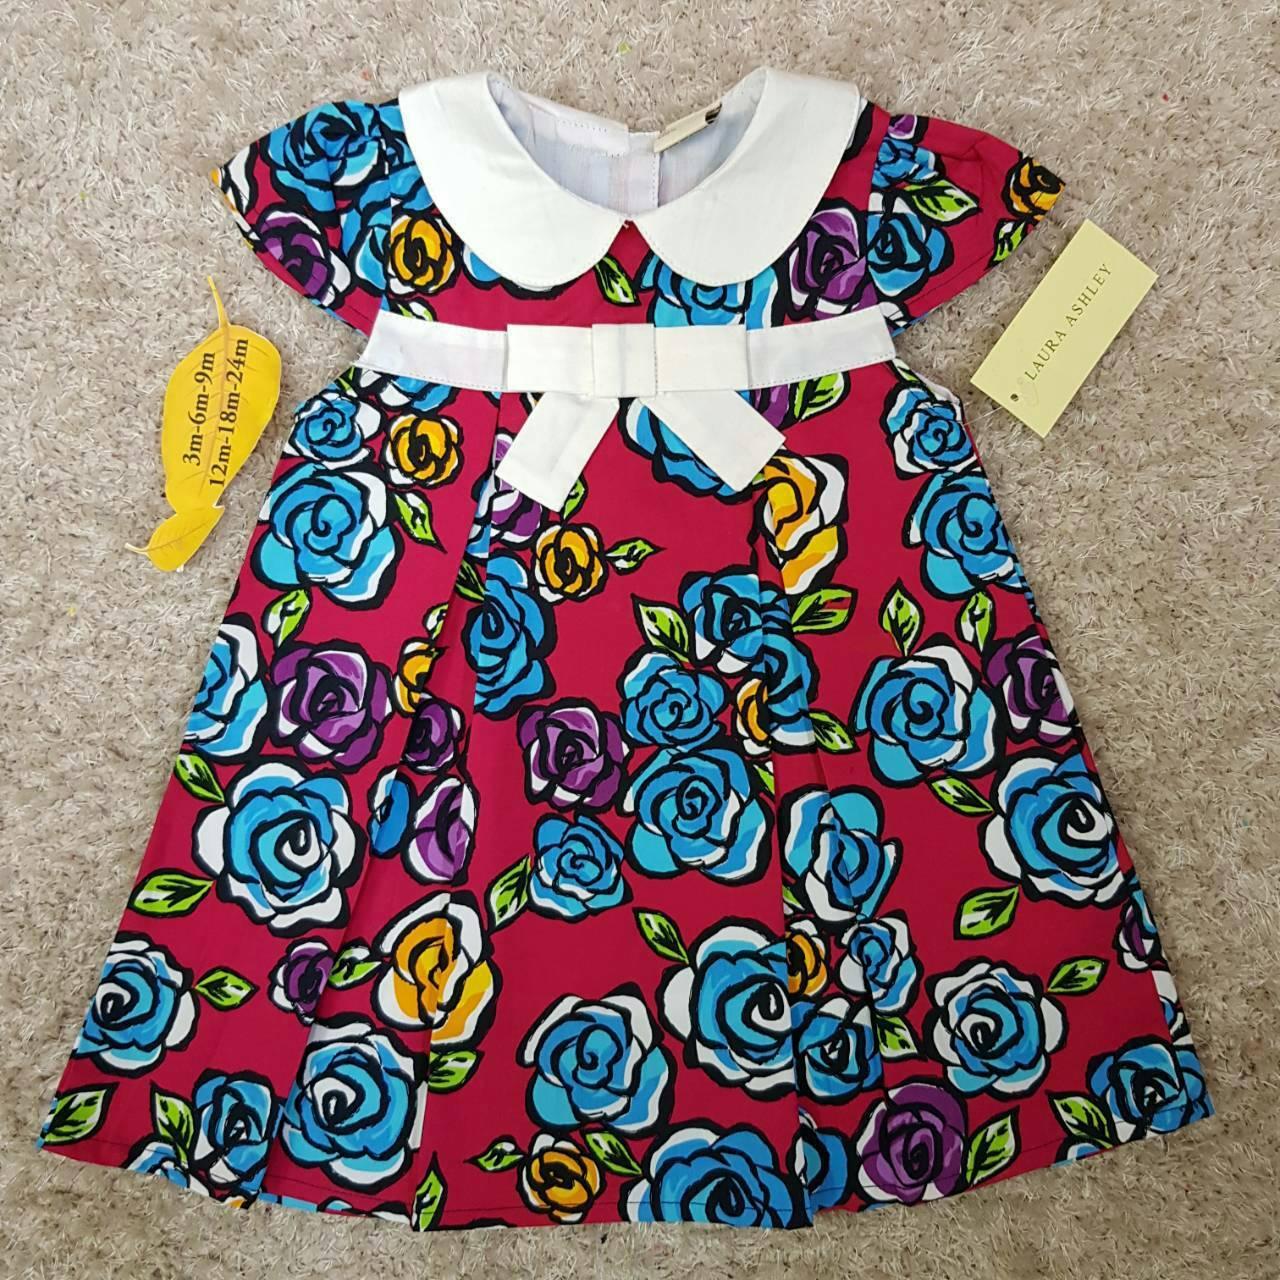 เสื้อผ้าเด็ก แรกเกิด-9เดือน size 3m-6m-9m ลายดอกไม้ คอปกสีขาว